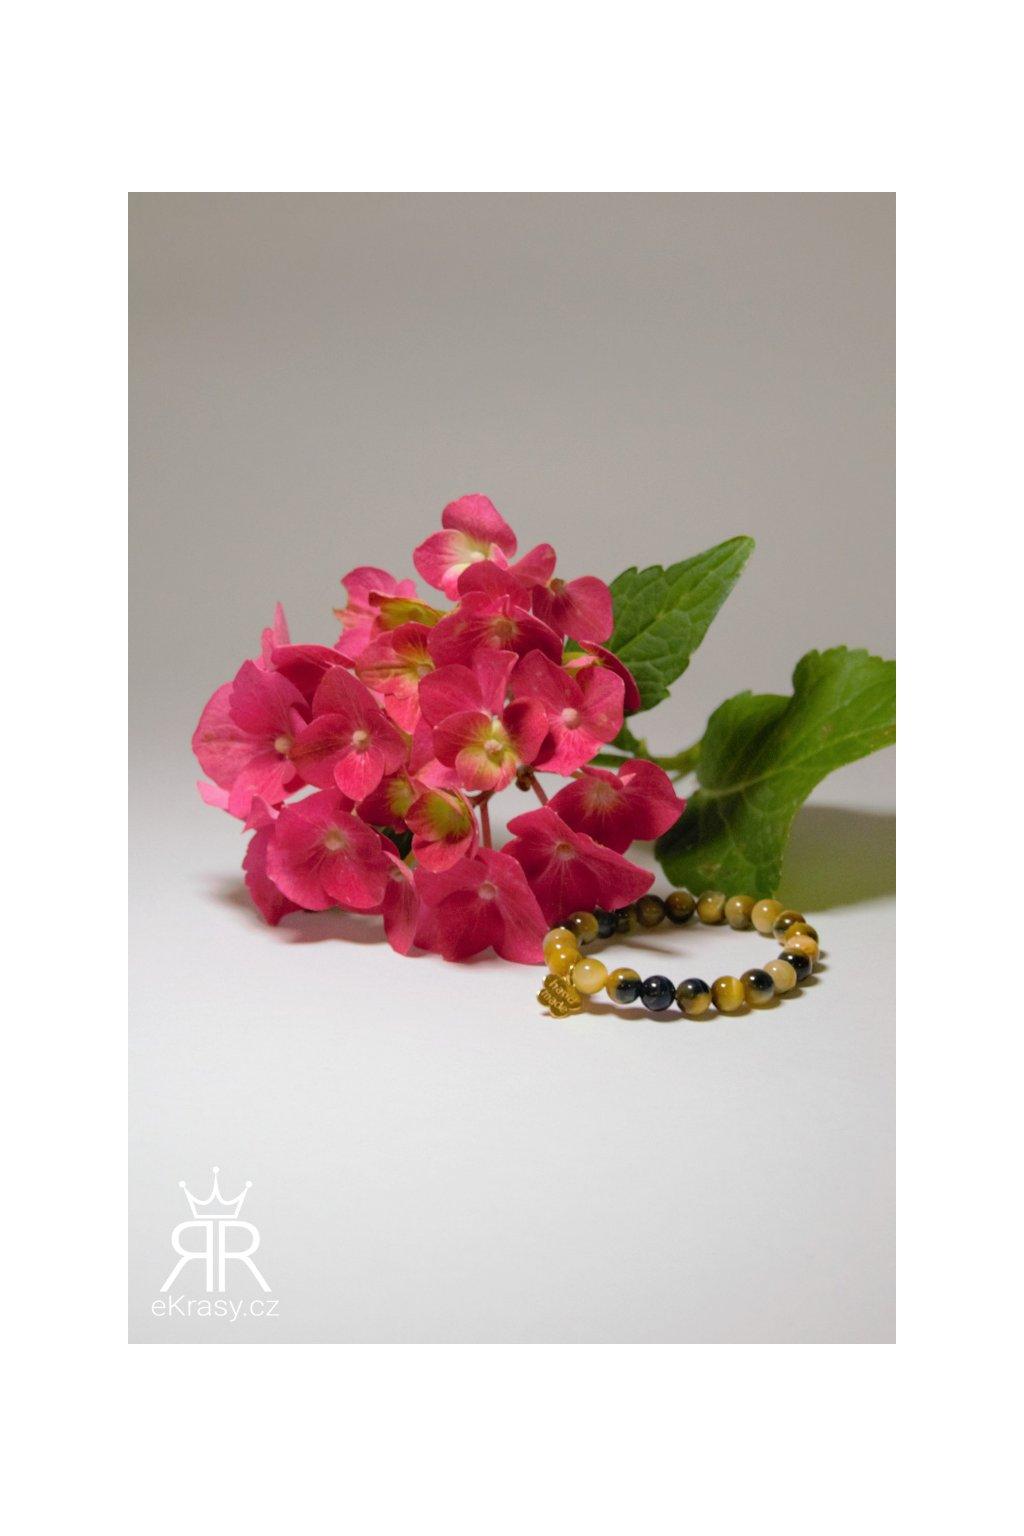 eKrasy náramek Dračí princezna - pravý dárek pro děti